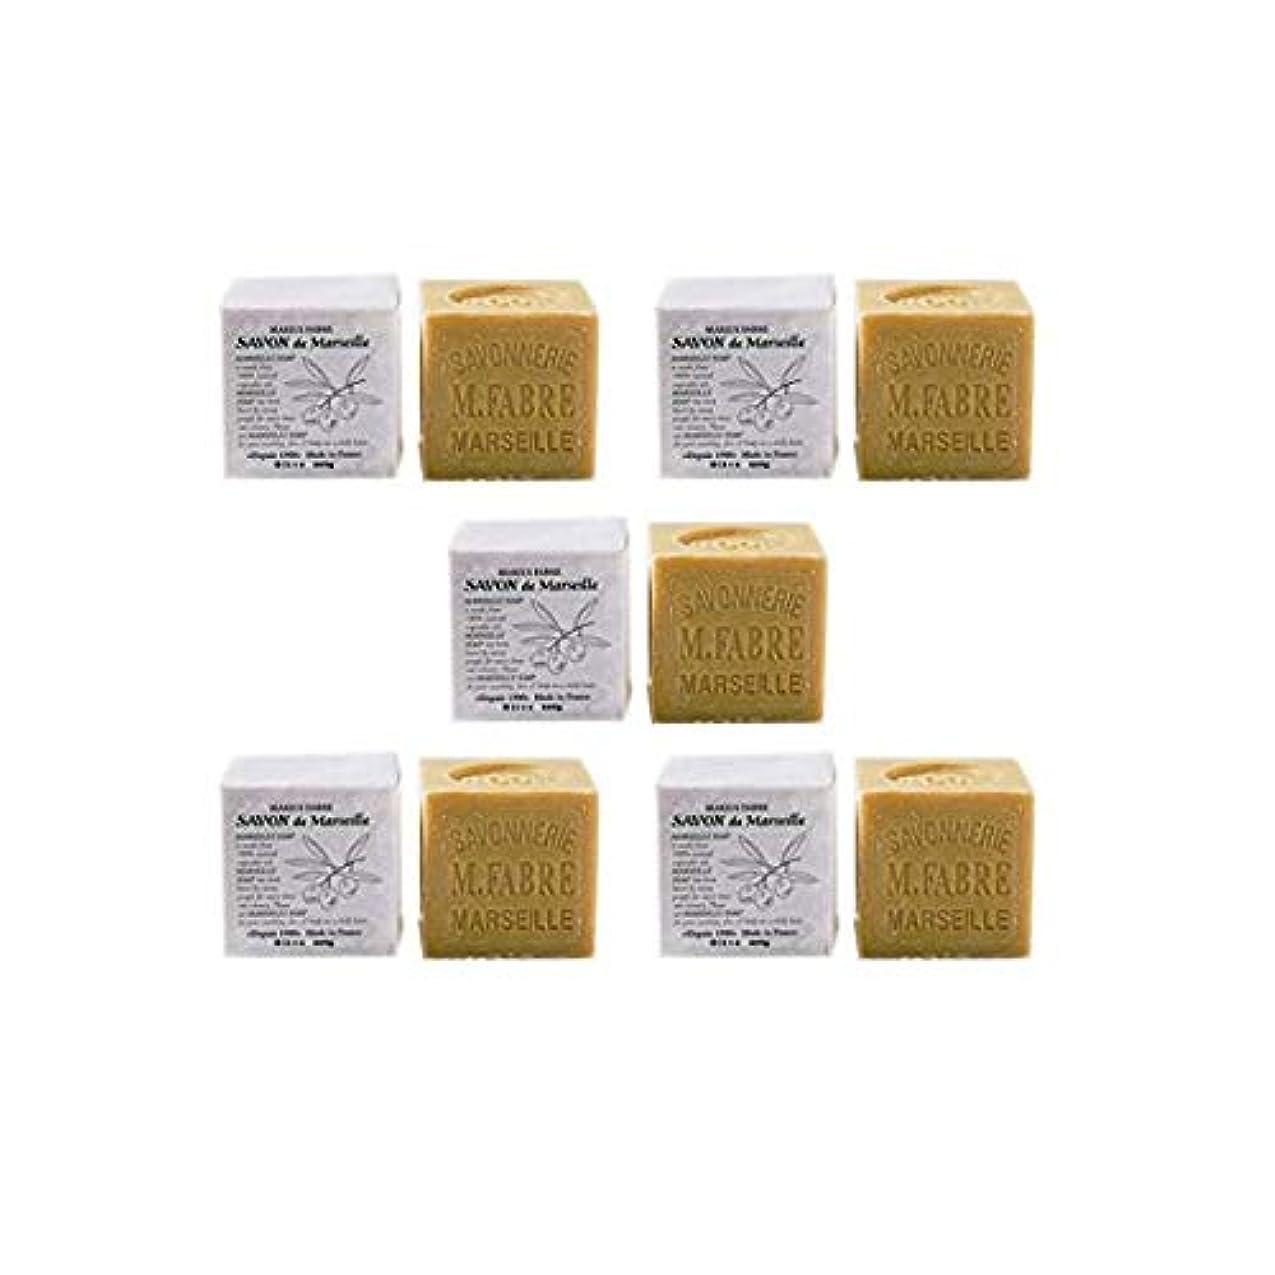 増強気性更新するマリウスファーブルジューン サボンドマルセイユ無香料200gオリーブN 5個セット(200g×5個)無添加オリーブ石鹸